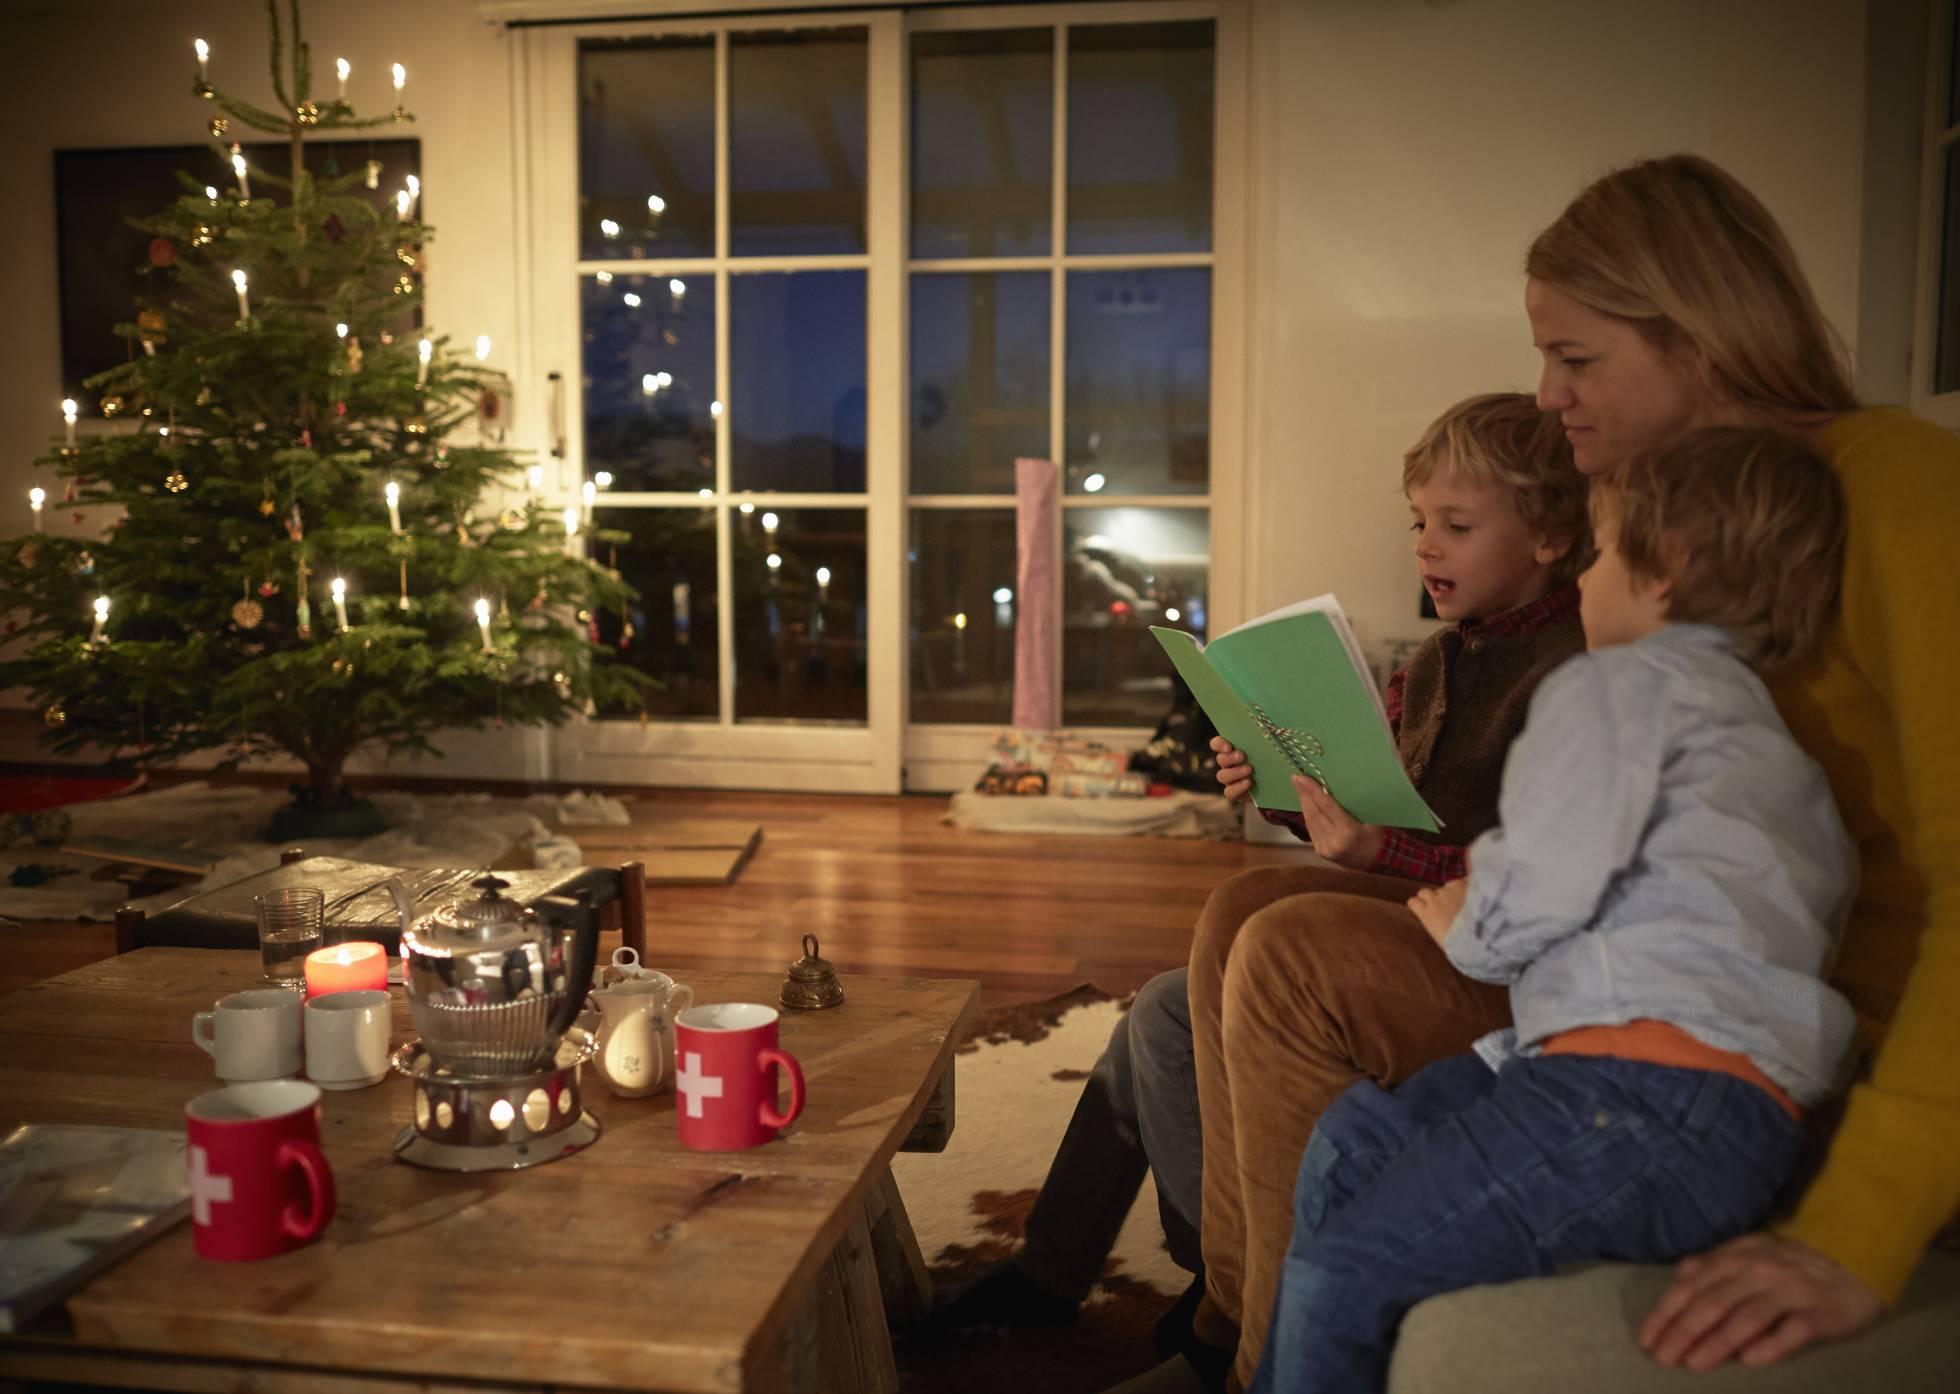 Chaminé e livros: na Islândia, as pessoas passam a noite de Natal lendo (Foto: Getty Images)